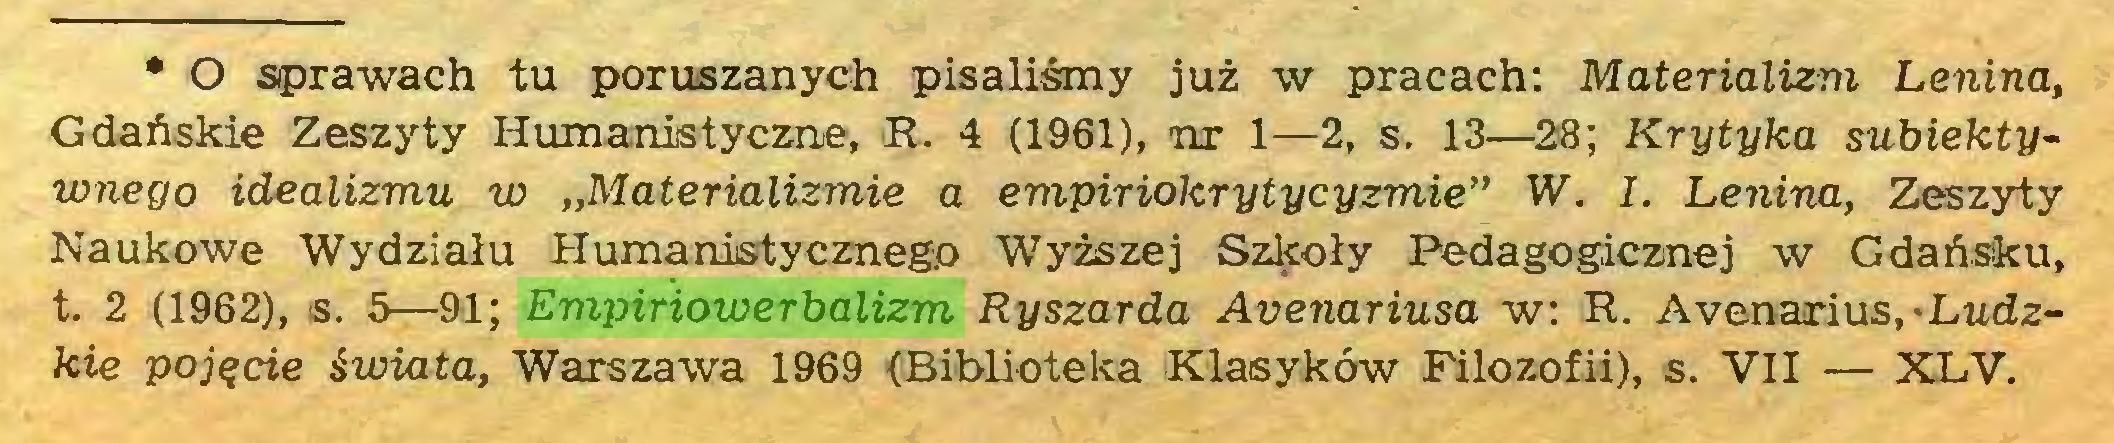 """(...) * O sprawach tu poruszanych pisaliśmy już w pracach: Materializm Lenina, Gdańskie Zeszyty Humanistyczne, R. 4 (1961), nr 1—2, s. 13—28; Krytyka subiektywnego idealizmu w """"Materializmie a empiriokrytycyzmie"""" W. 1. Lenina, Zeszyty Naukowe Wydziału Humanistycznego Wyższej Szk-oły Pedagogicznej w Gdańsku, t. 2 (1962), is. 5—91; Empiriowerbalizm Ryszarda Avenariusa w: R. Avenarías,-Ludzkie pojęcie świata, Warszawa 1969 (Biblioteka Klasyków Filozofii), s. VII — XLV..."""